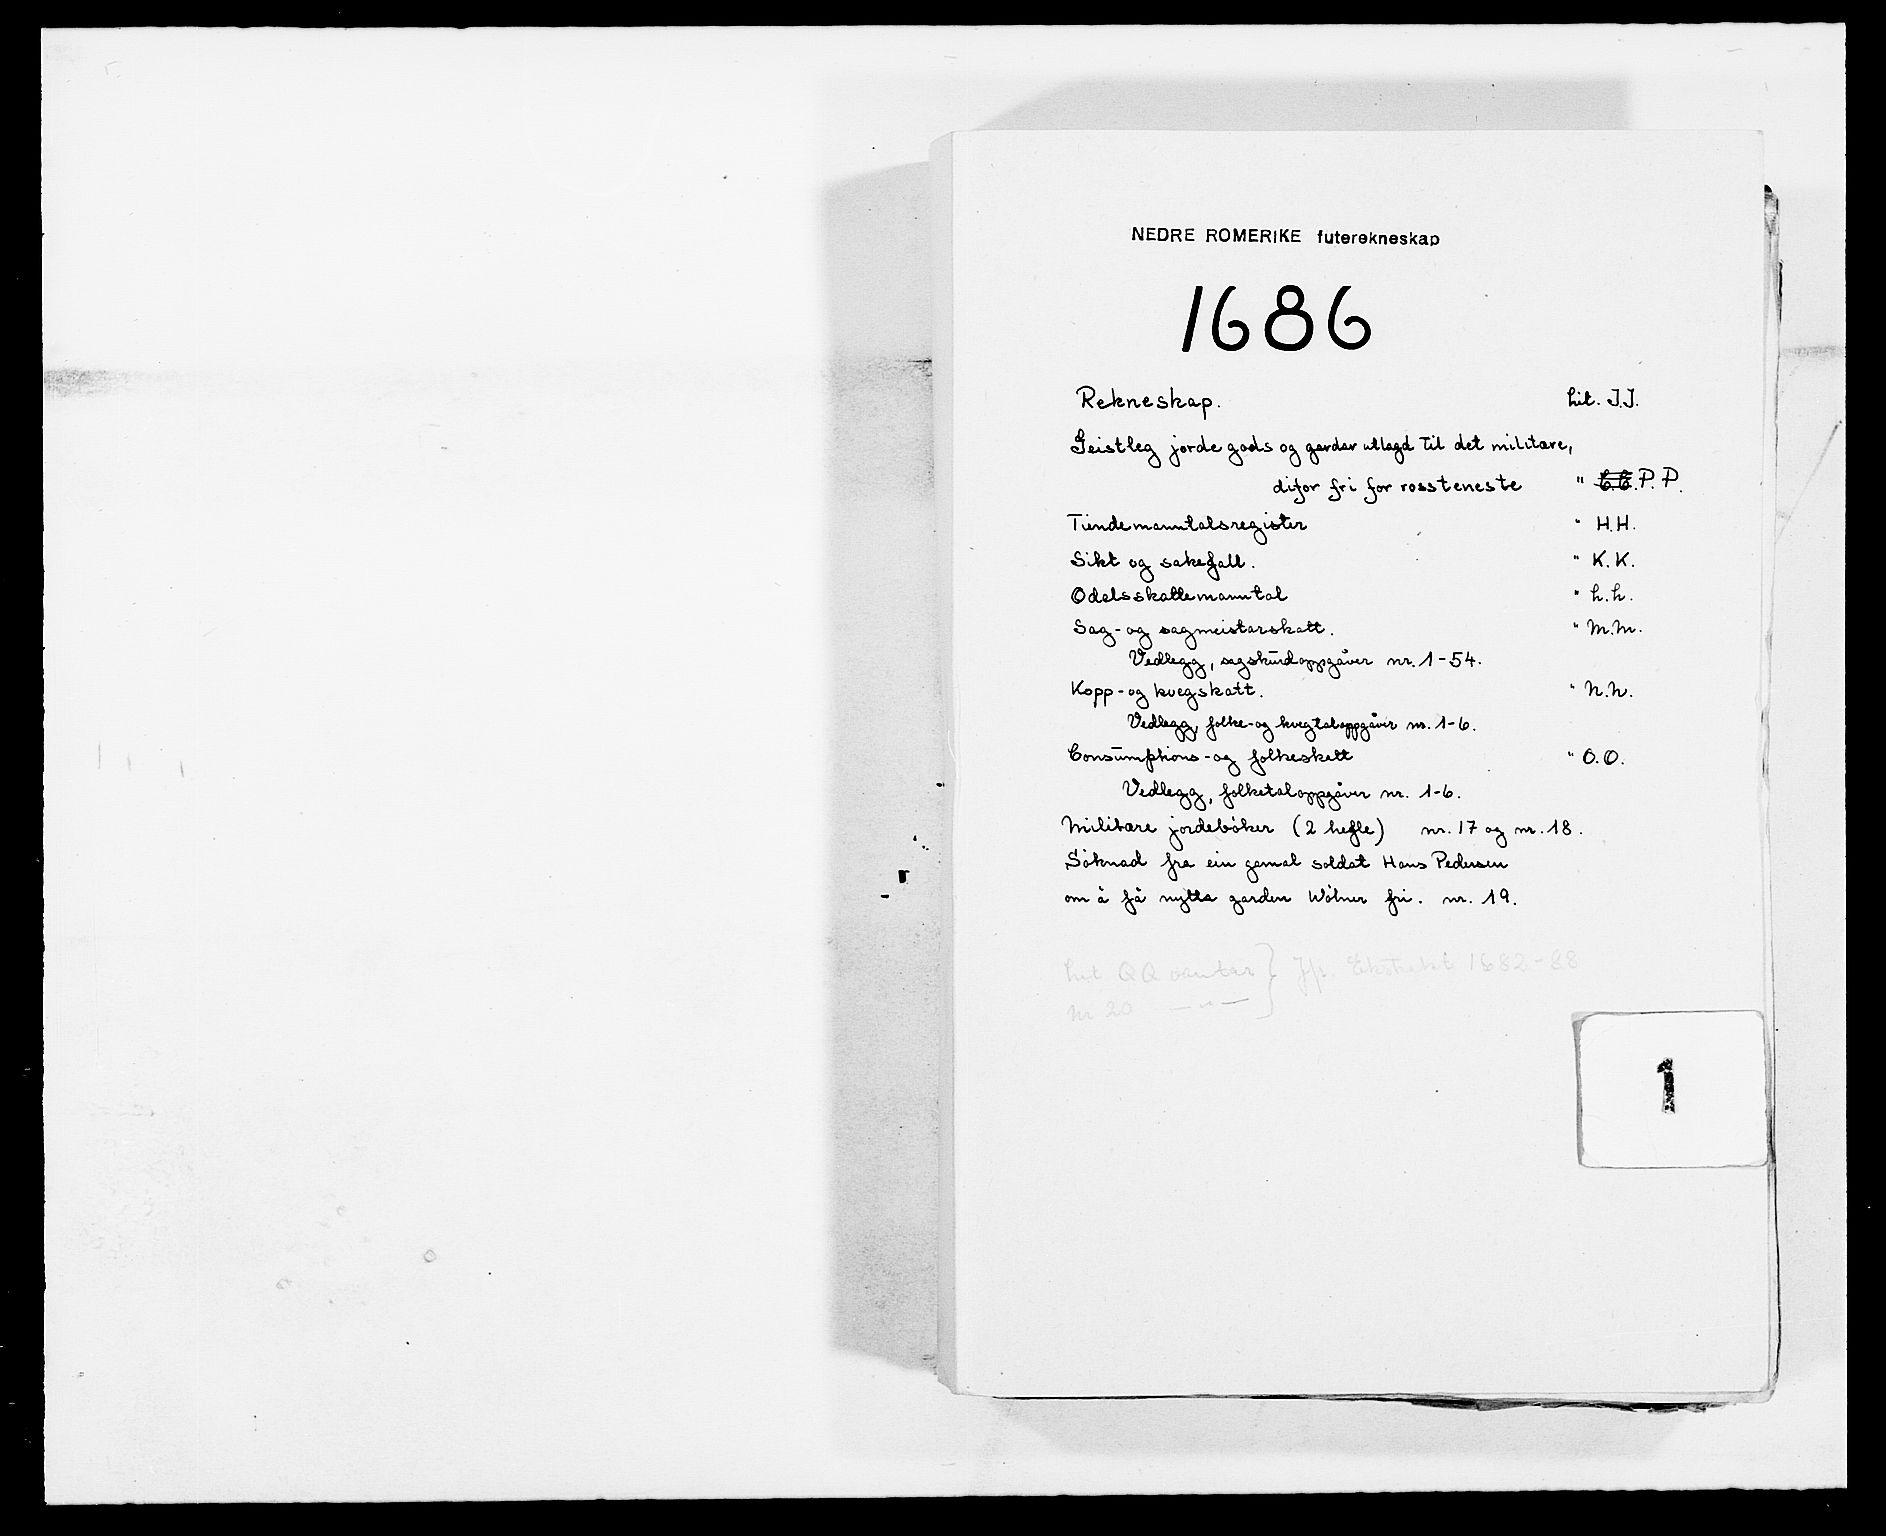 RA, Rentekammeret inntil 1814, Reviderte regnskaper, Fogderegnskap, R11/L0572: Fogderegnskap Nedre Romerike, 1686-1687, s. 1